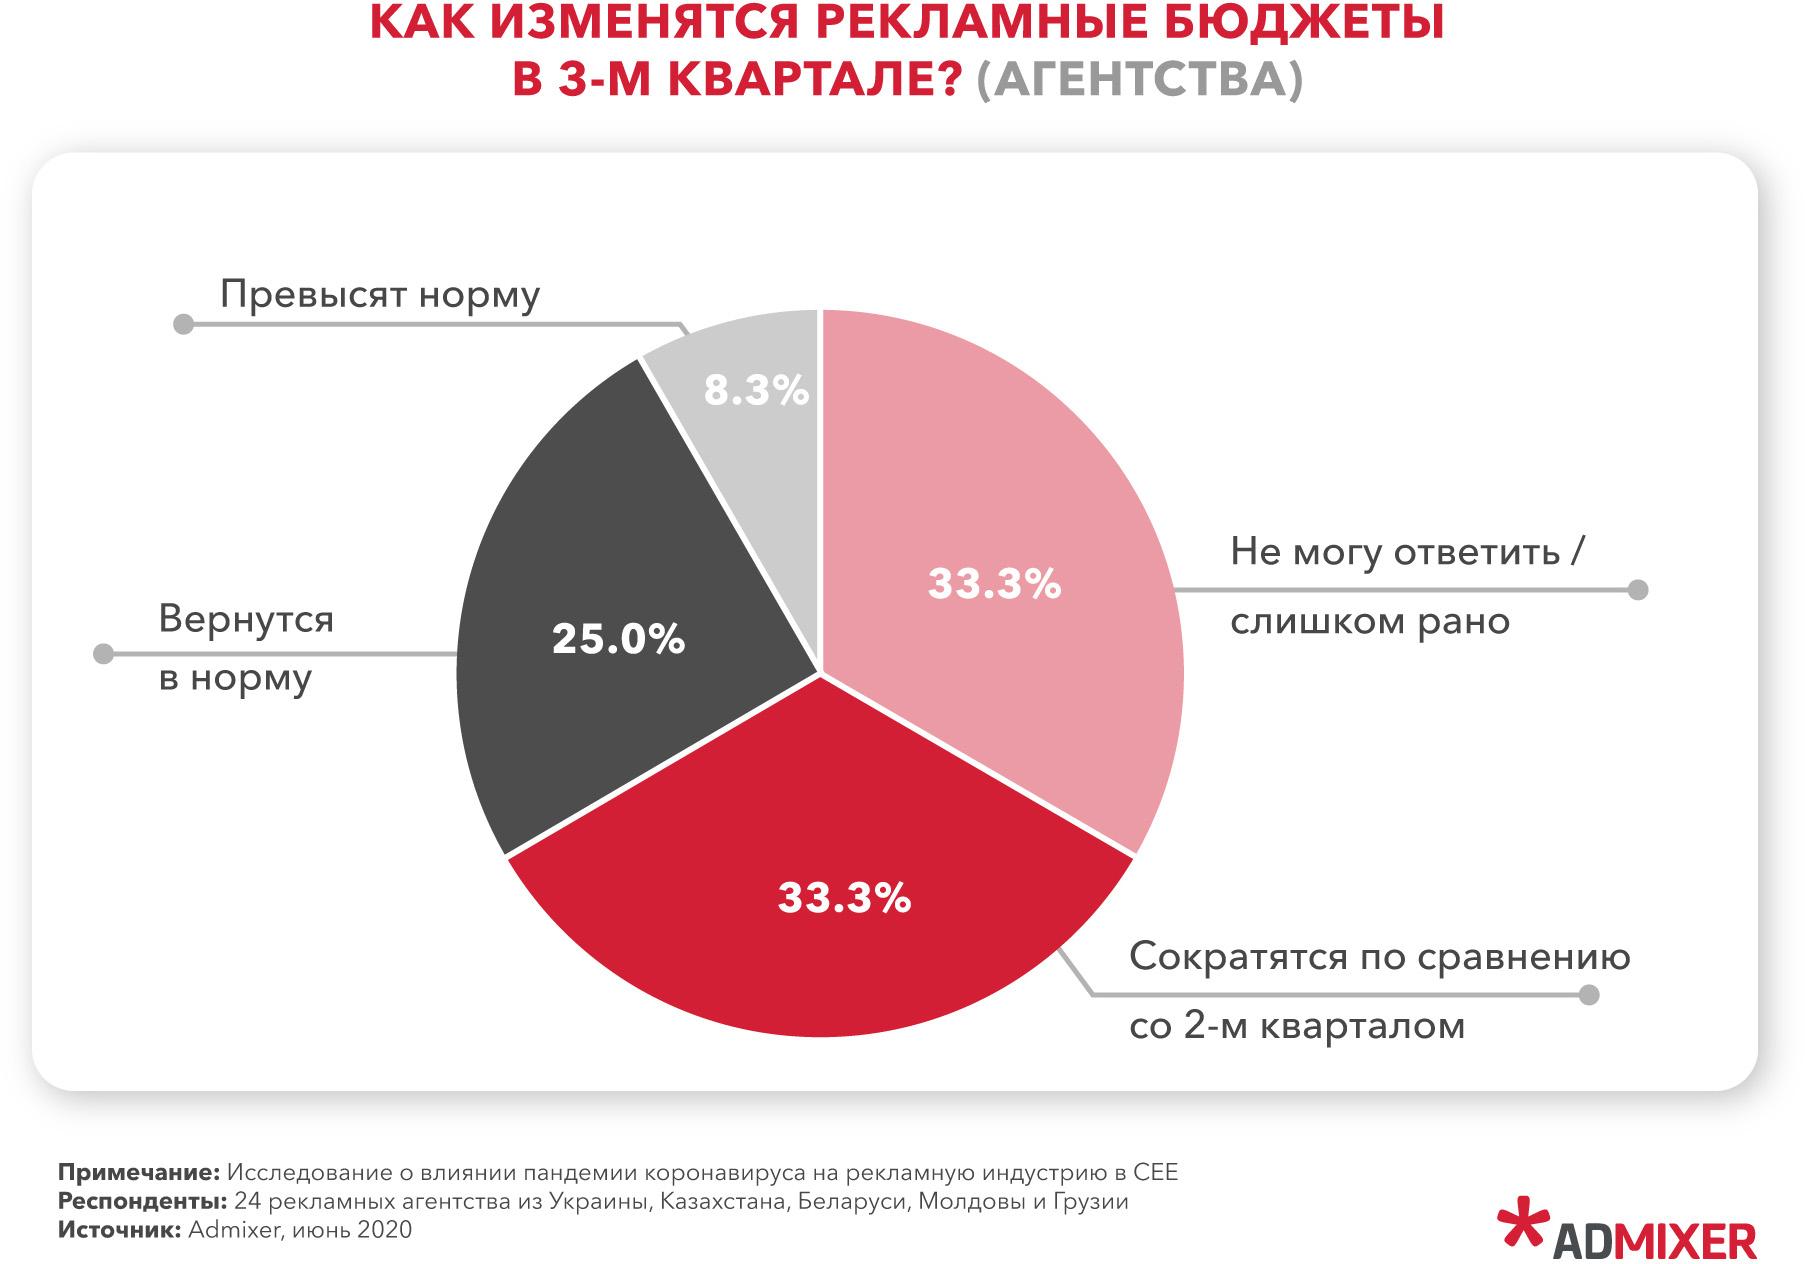 33% агентств полагают, что рекламные бюджеты вырастут, столько же — прогнозируют их сокращение